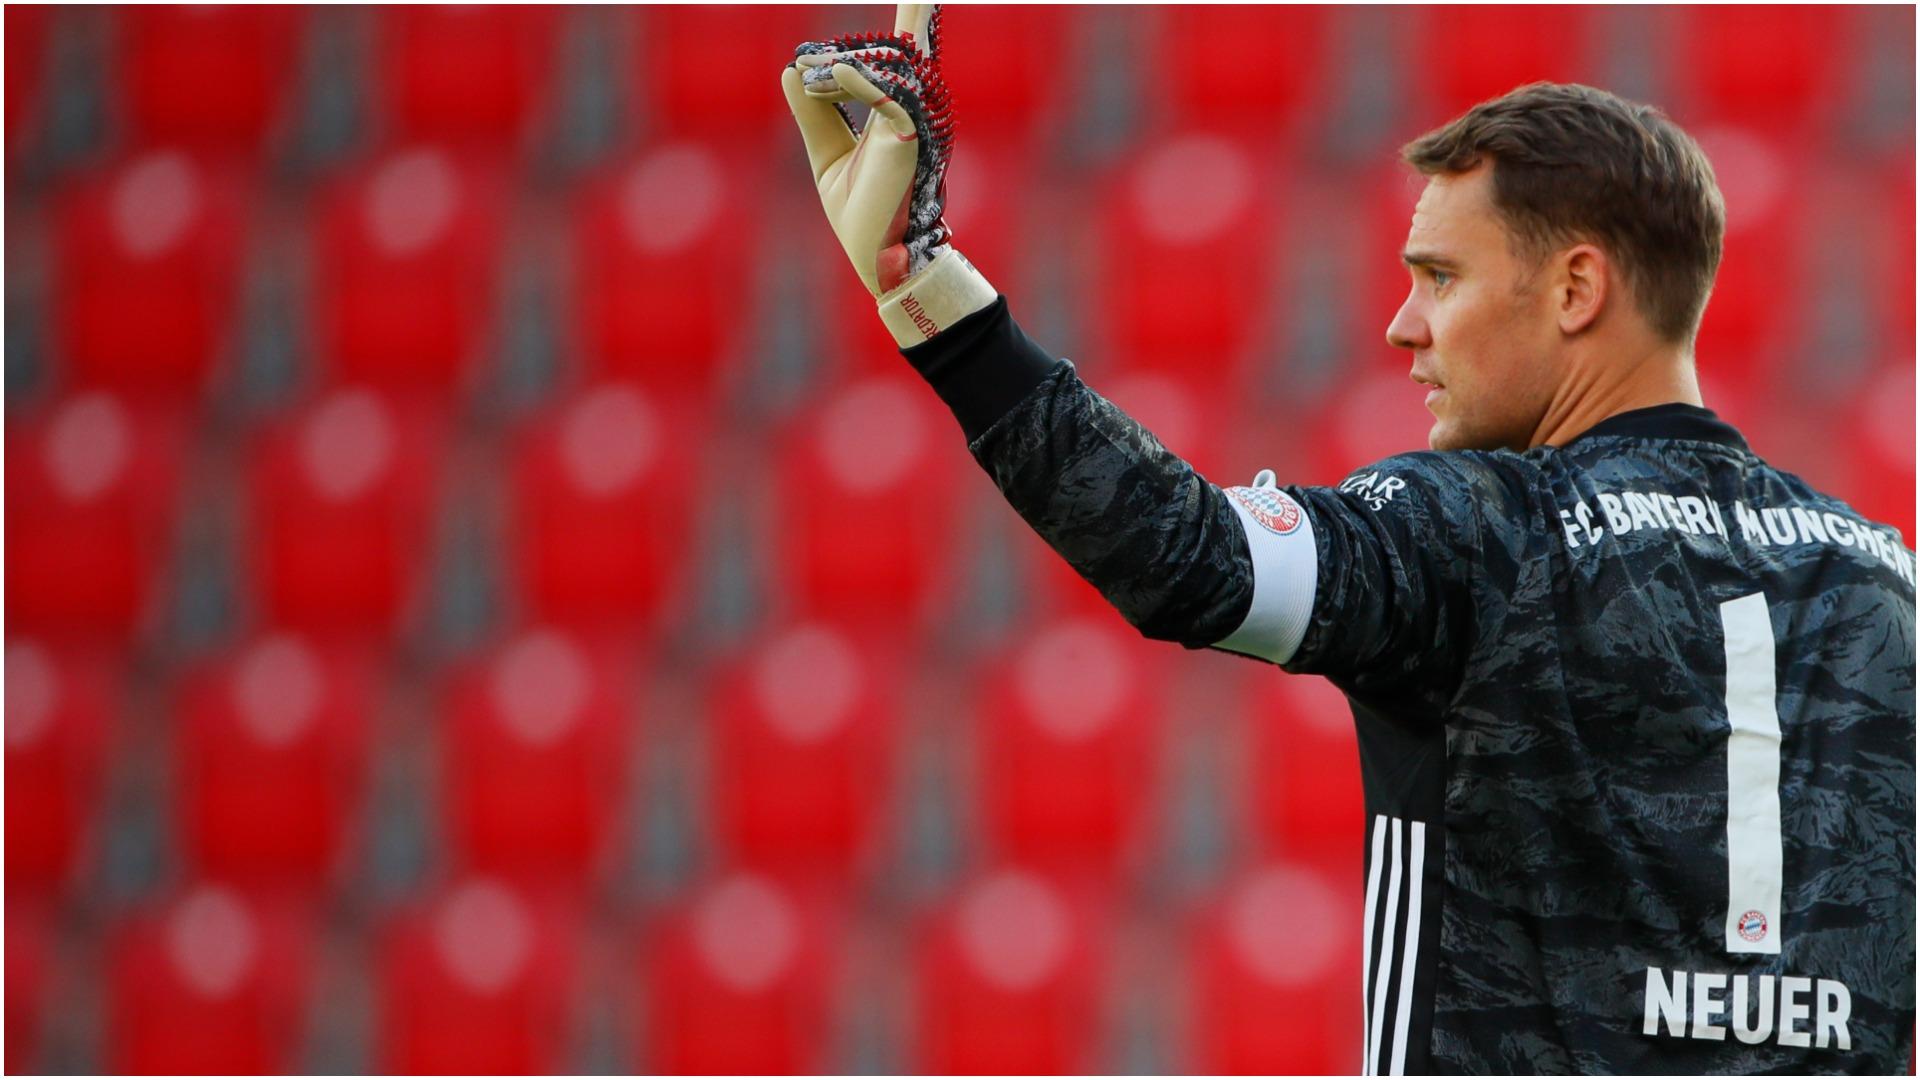 Bayerni me hap kampioni, flet kapiteni Neuer: Dominuam nga minuta e parë!